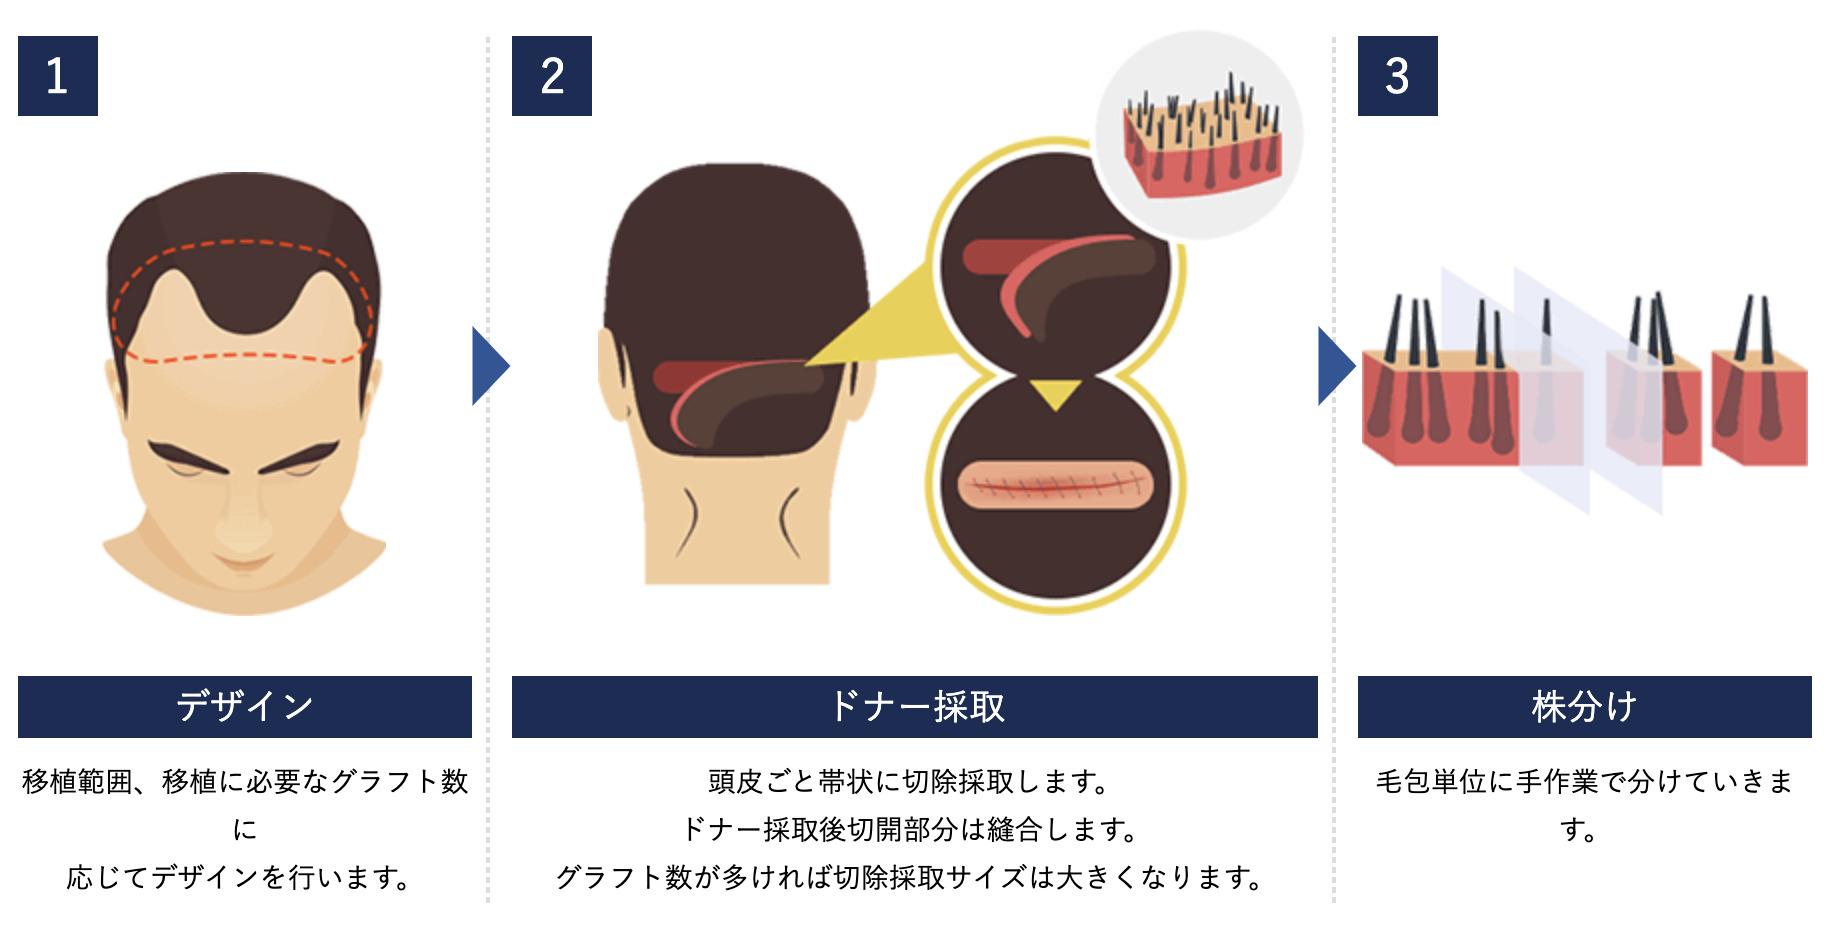 FUT法のイメージ